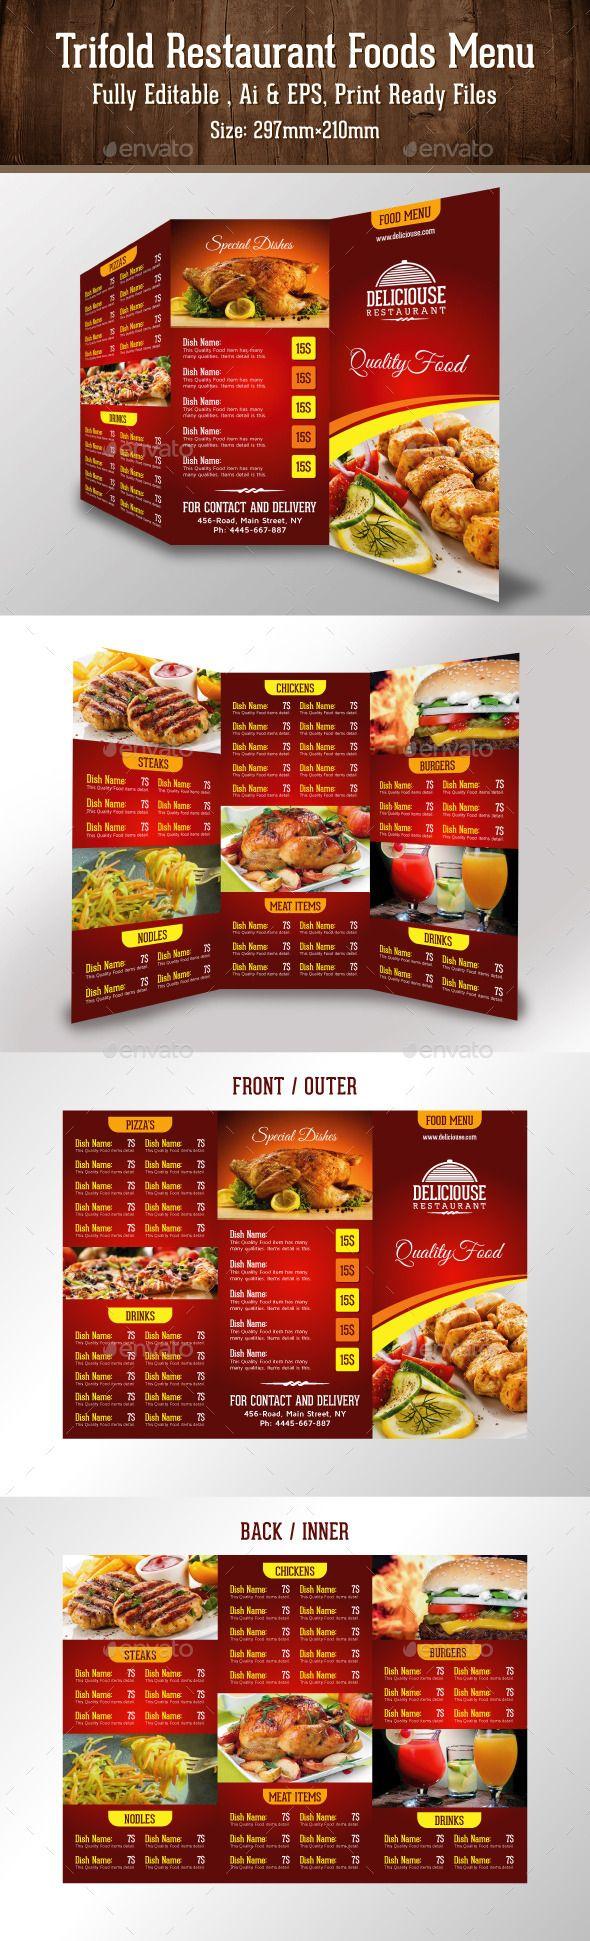 1000 images about Trifold Restaurant Menu Template – A La Carte Menu Template